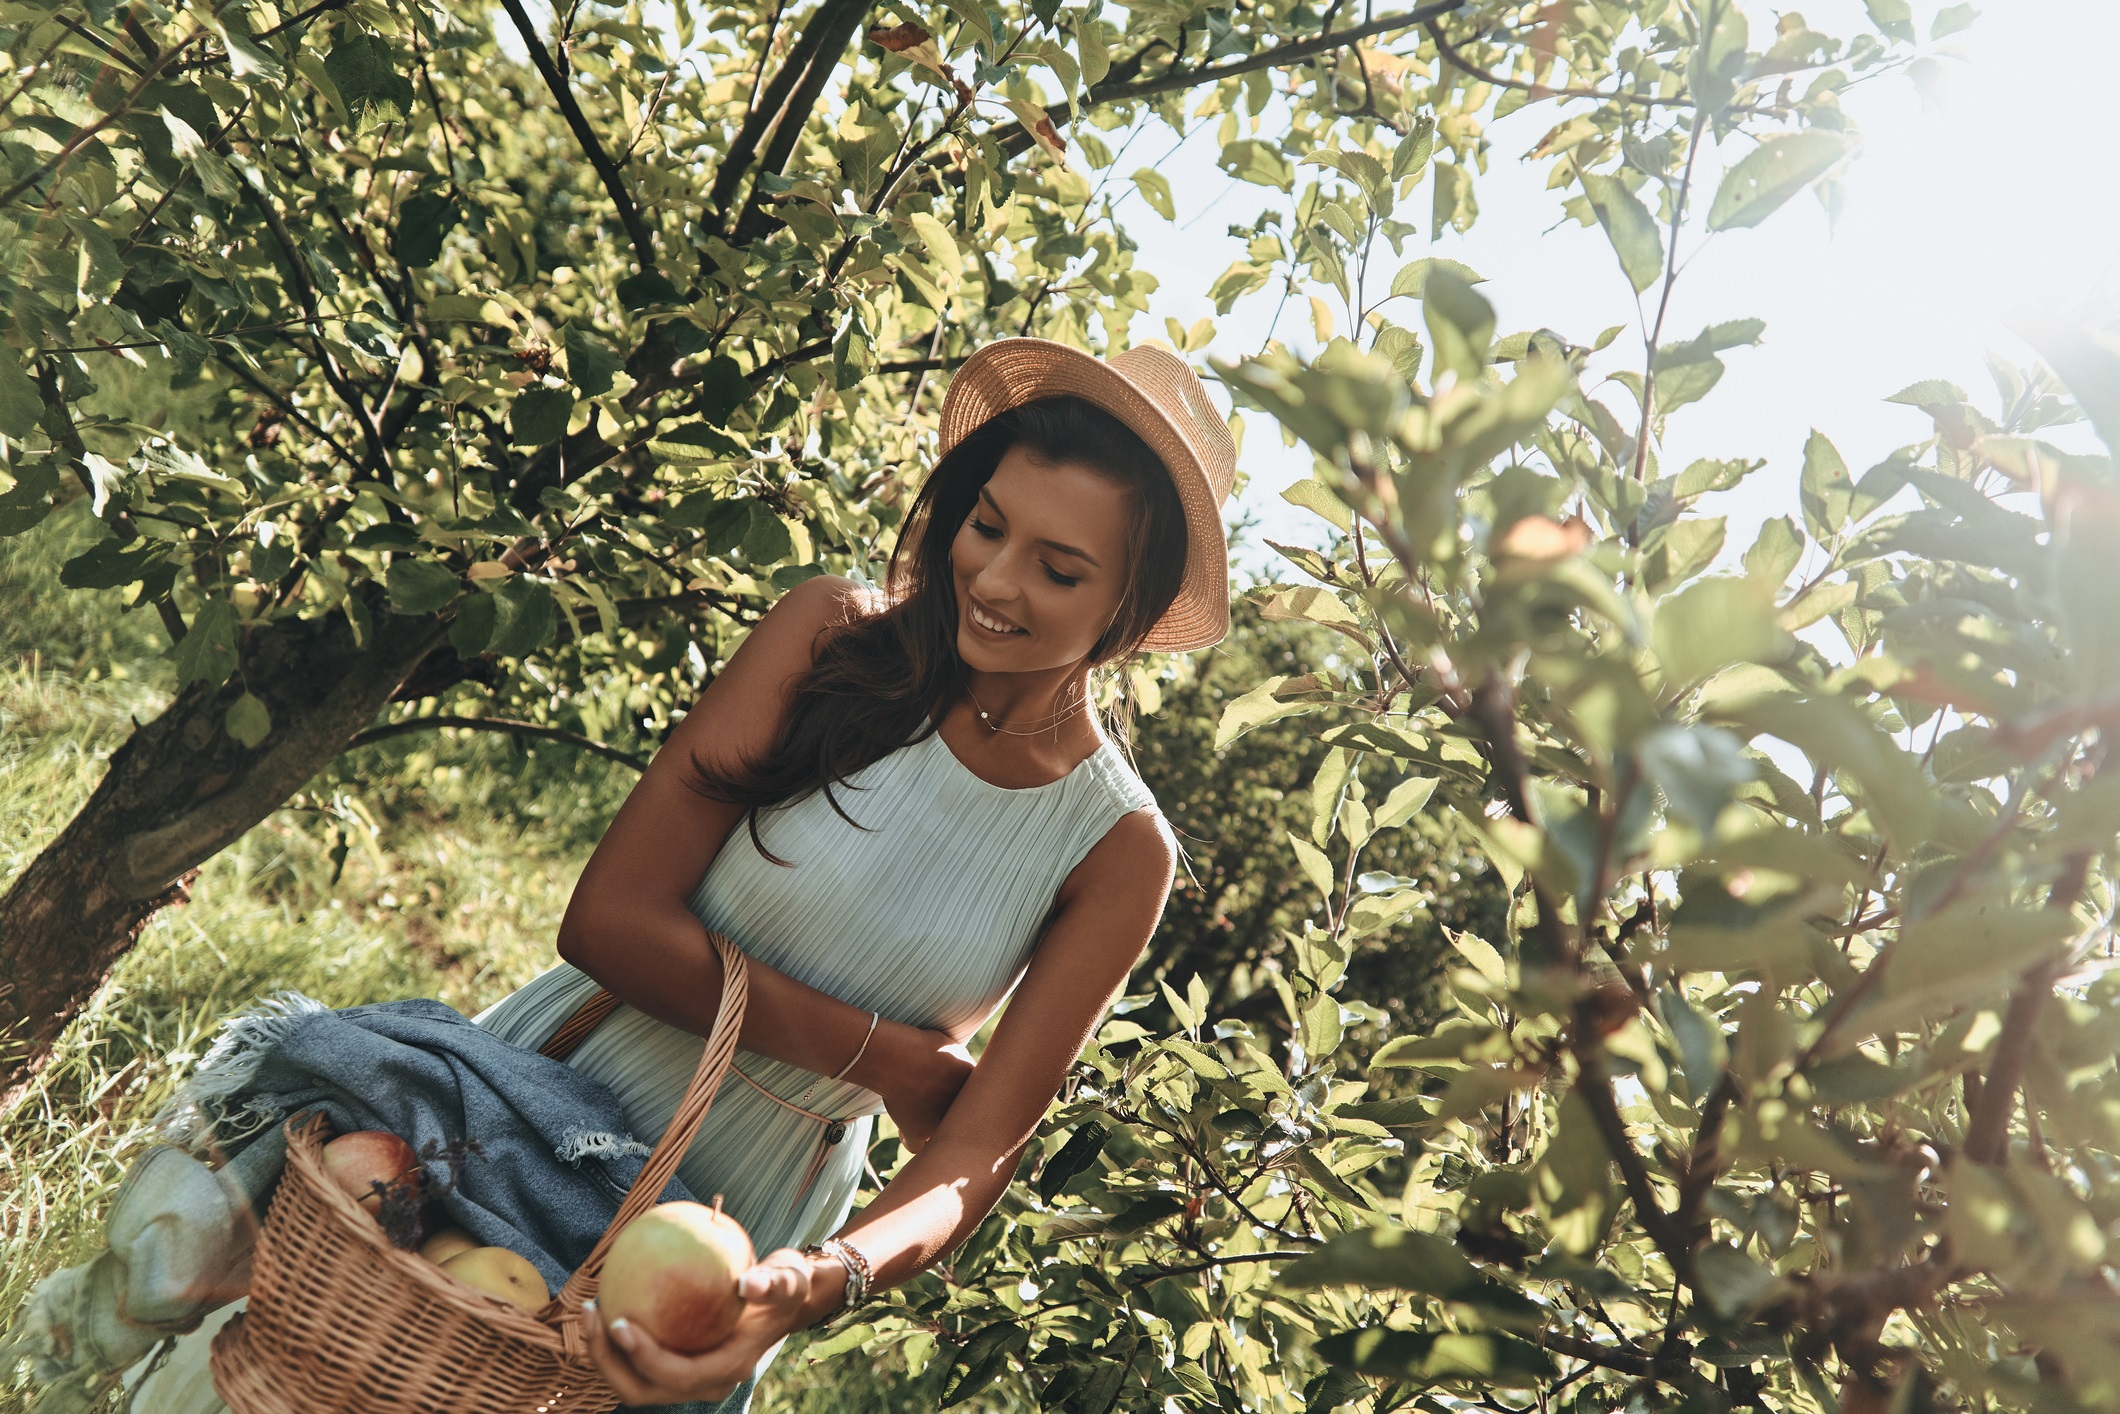 Dvodnevna dijeta s jabukama odlična je za detoksikaciju.